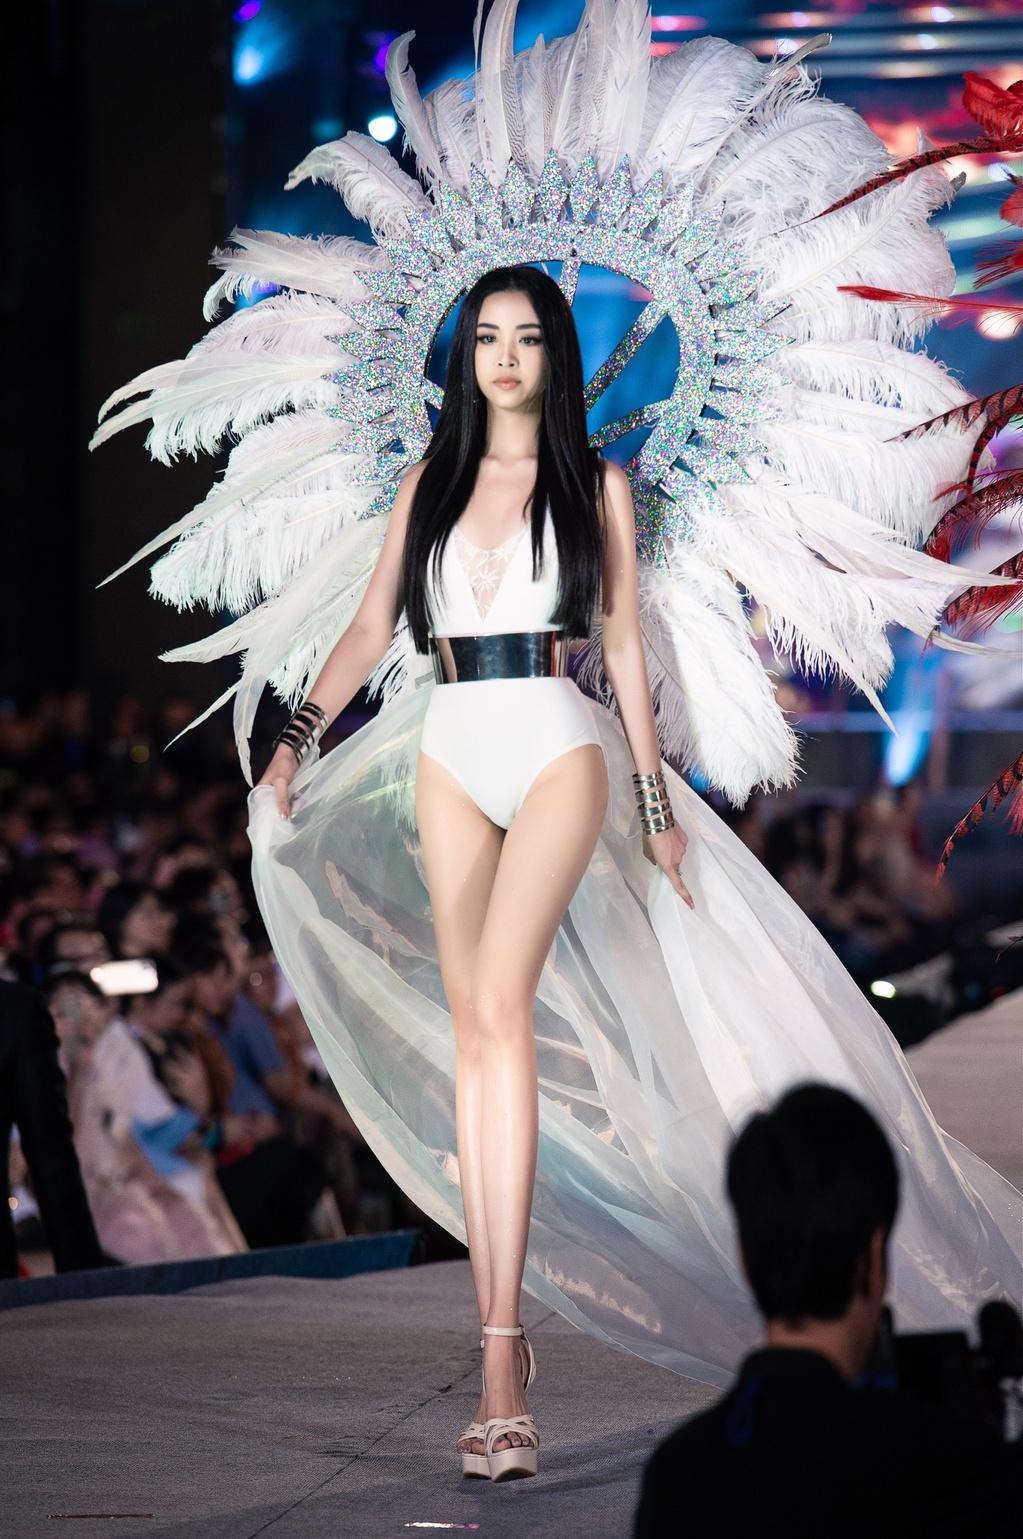 Vòng thi Người đẹp Biển của Hoa hậu Việt Nam 2020 diễn ra tối 12/11 tại TP Vũng Tàu.